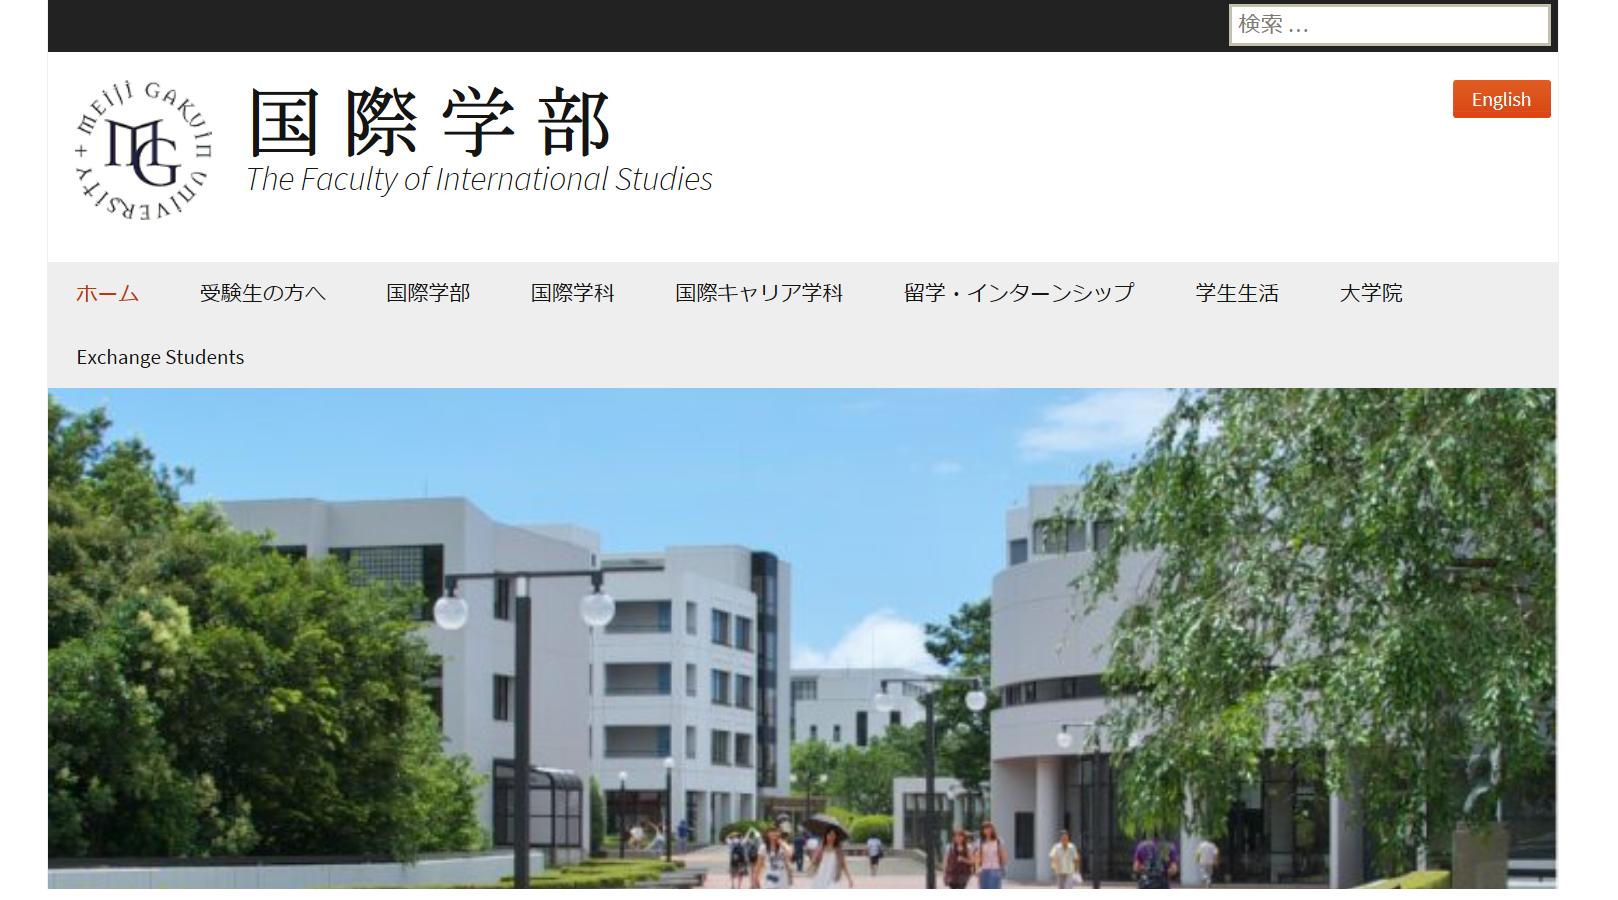 明治学院大学の評判・口コミ【国際学部編】